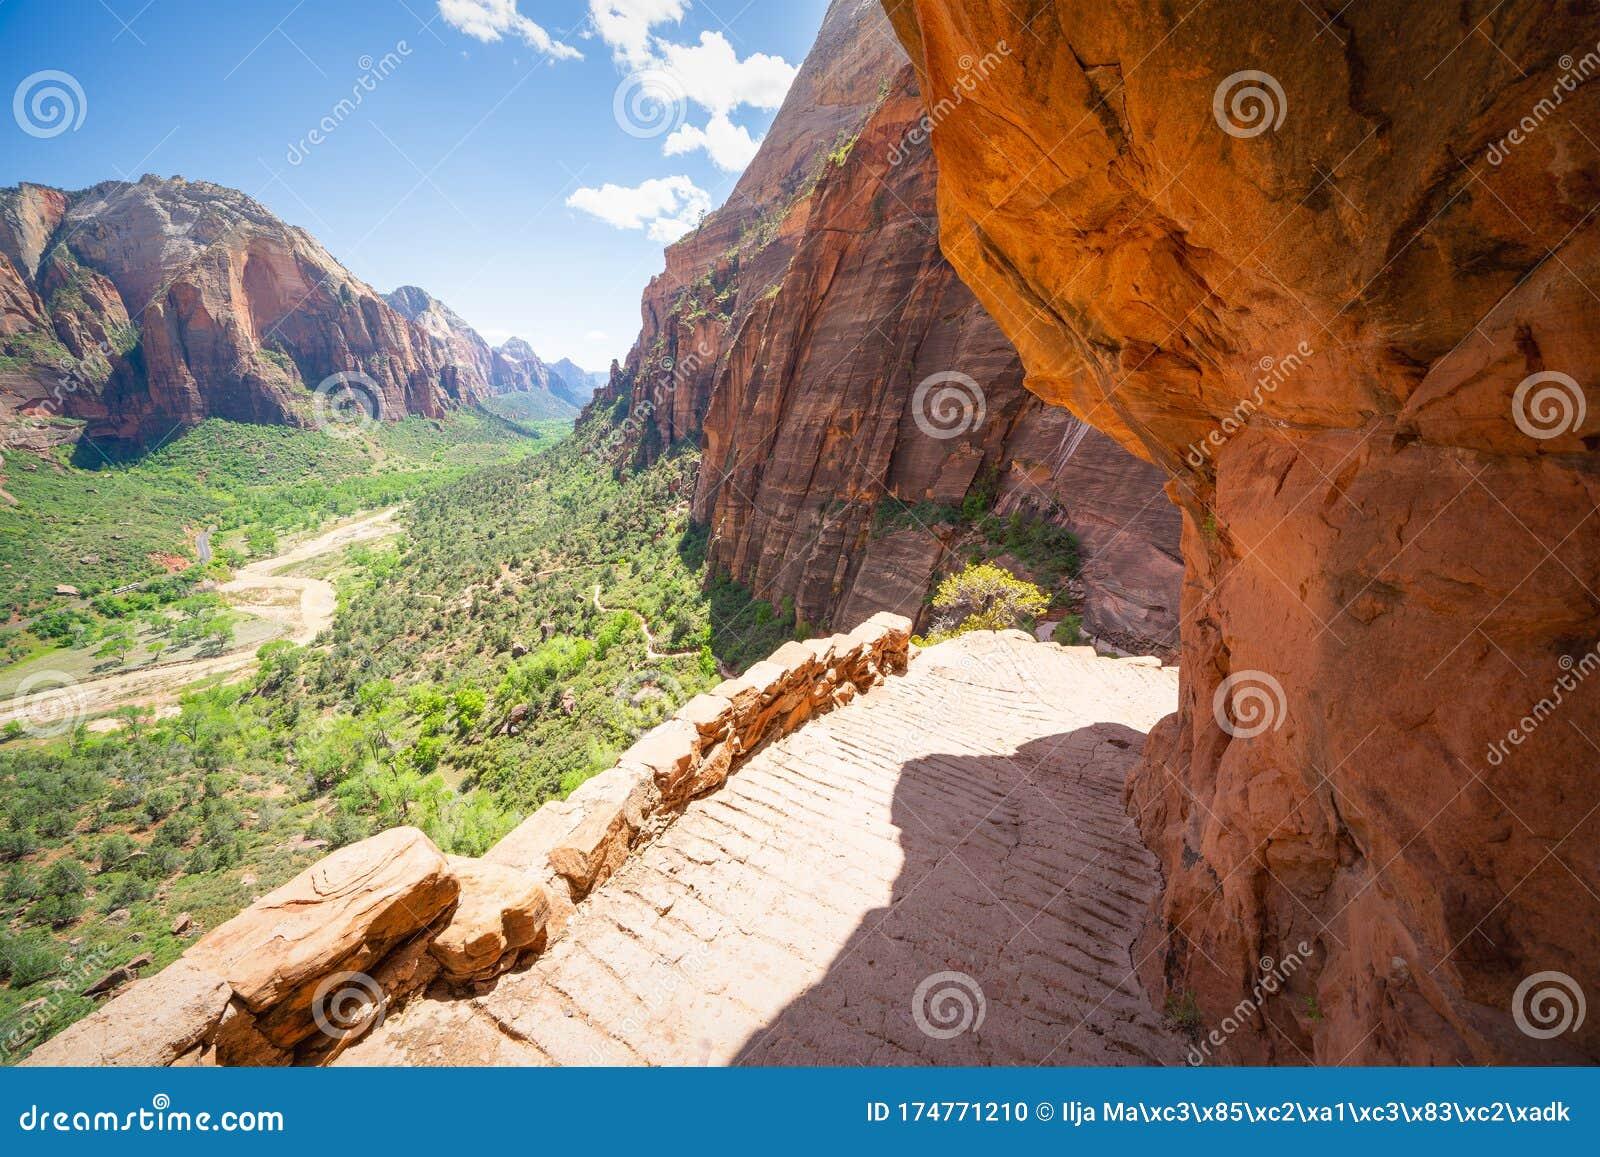 Zion National Park Utah HD wallpaper | Utah national parks